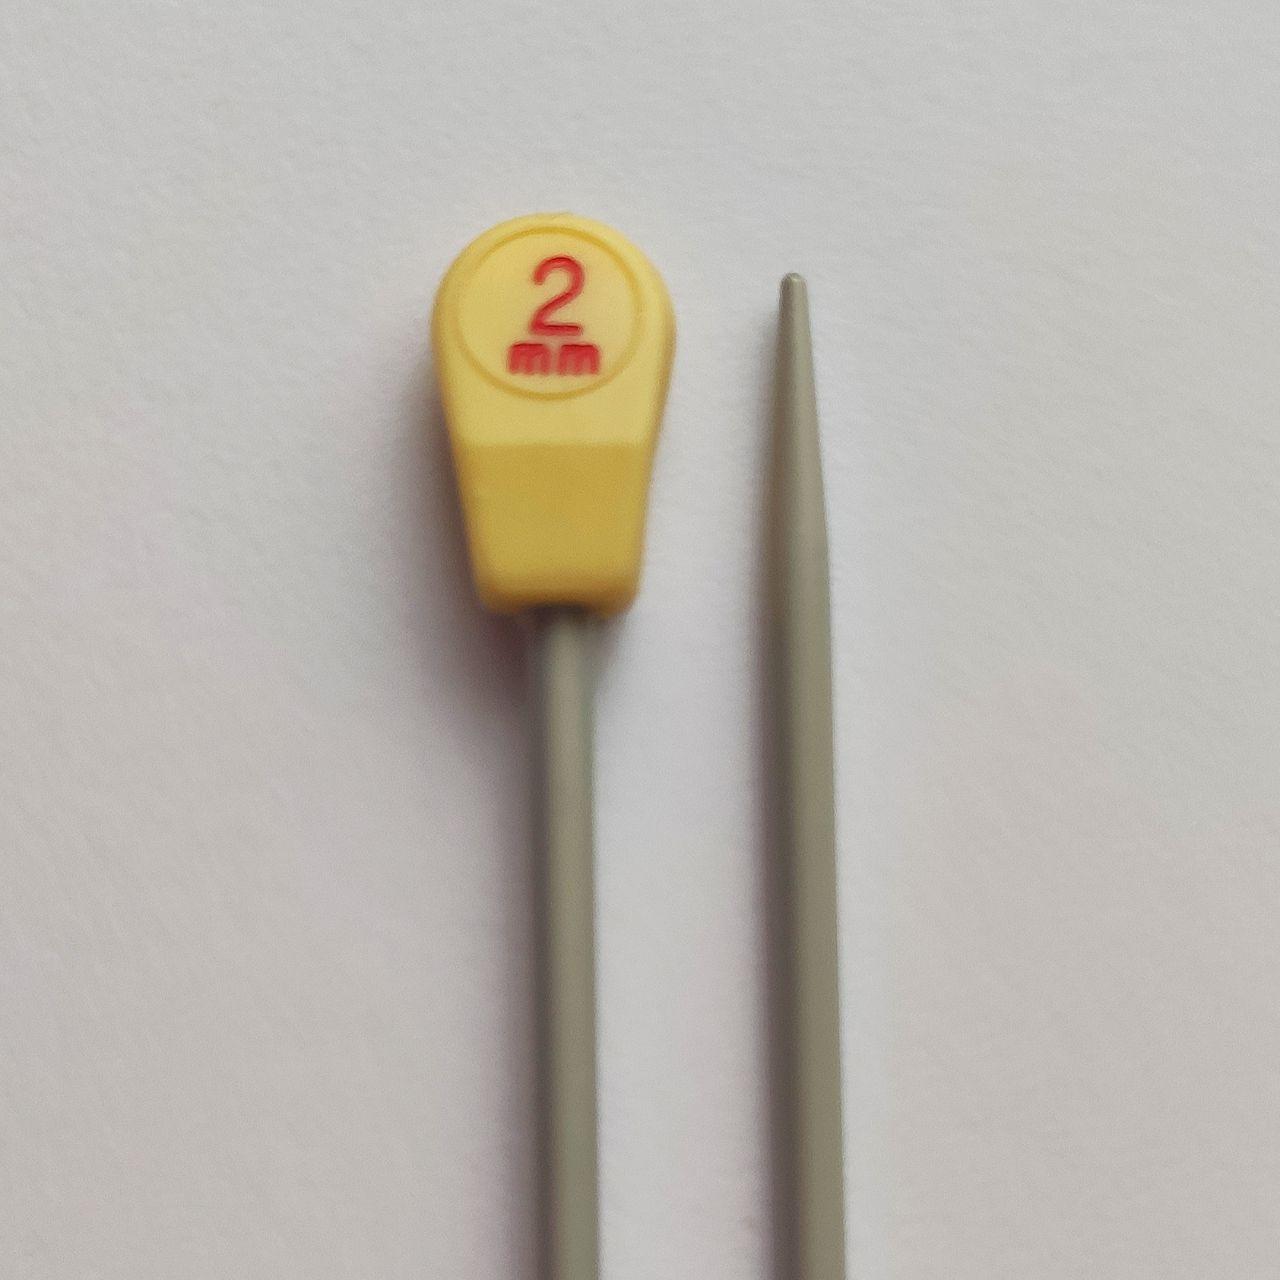 Прямі спиці 2; 2,5; 3; 4; 7 мм ВВВ 2